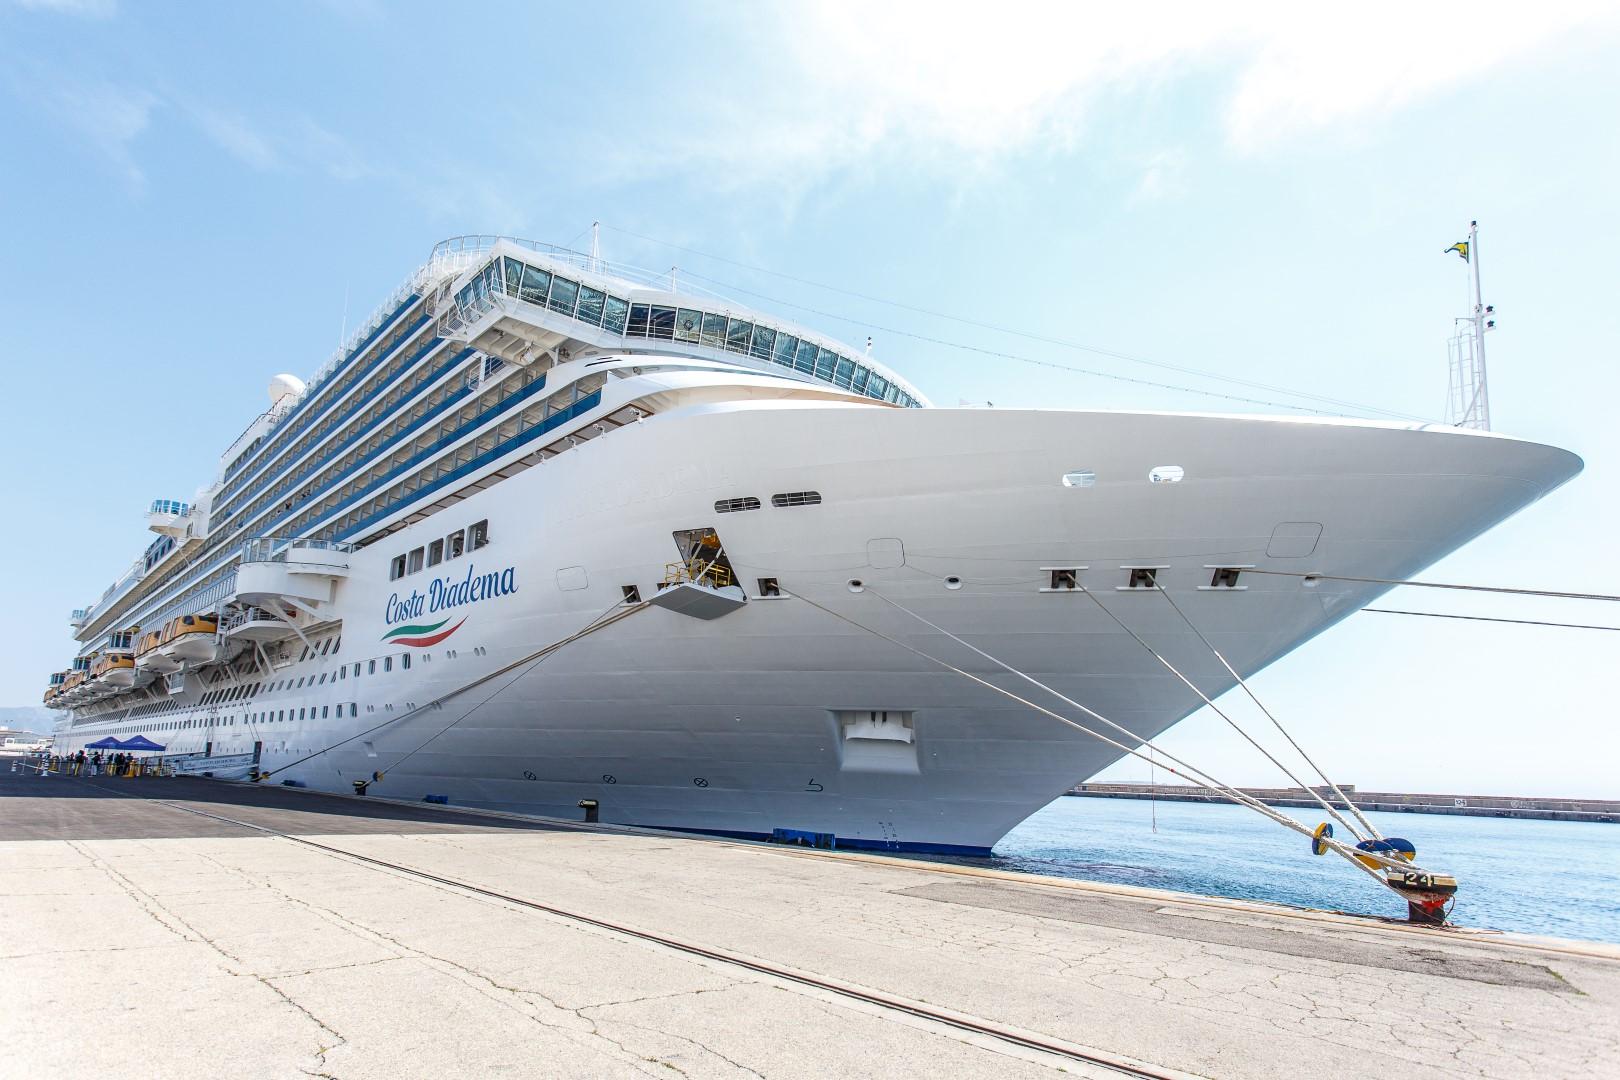 Auch Costa Kreuzfahrten geht nach dem Corona-Lockdown wieder in Betrieb. Die Rückkehr in den operativen Alltag soll gestaffelt erfolgen, die Zahl der für Passagiere buchbaren Kreuzfahrtschiffe wird schrittweise erhöht. Als erstes wird die Costa Deliziosa am 6. September 2020 in See stechen